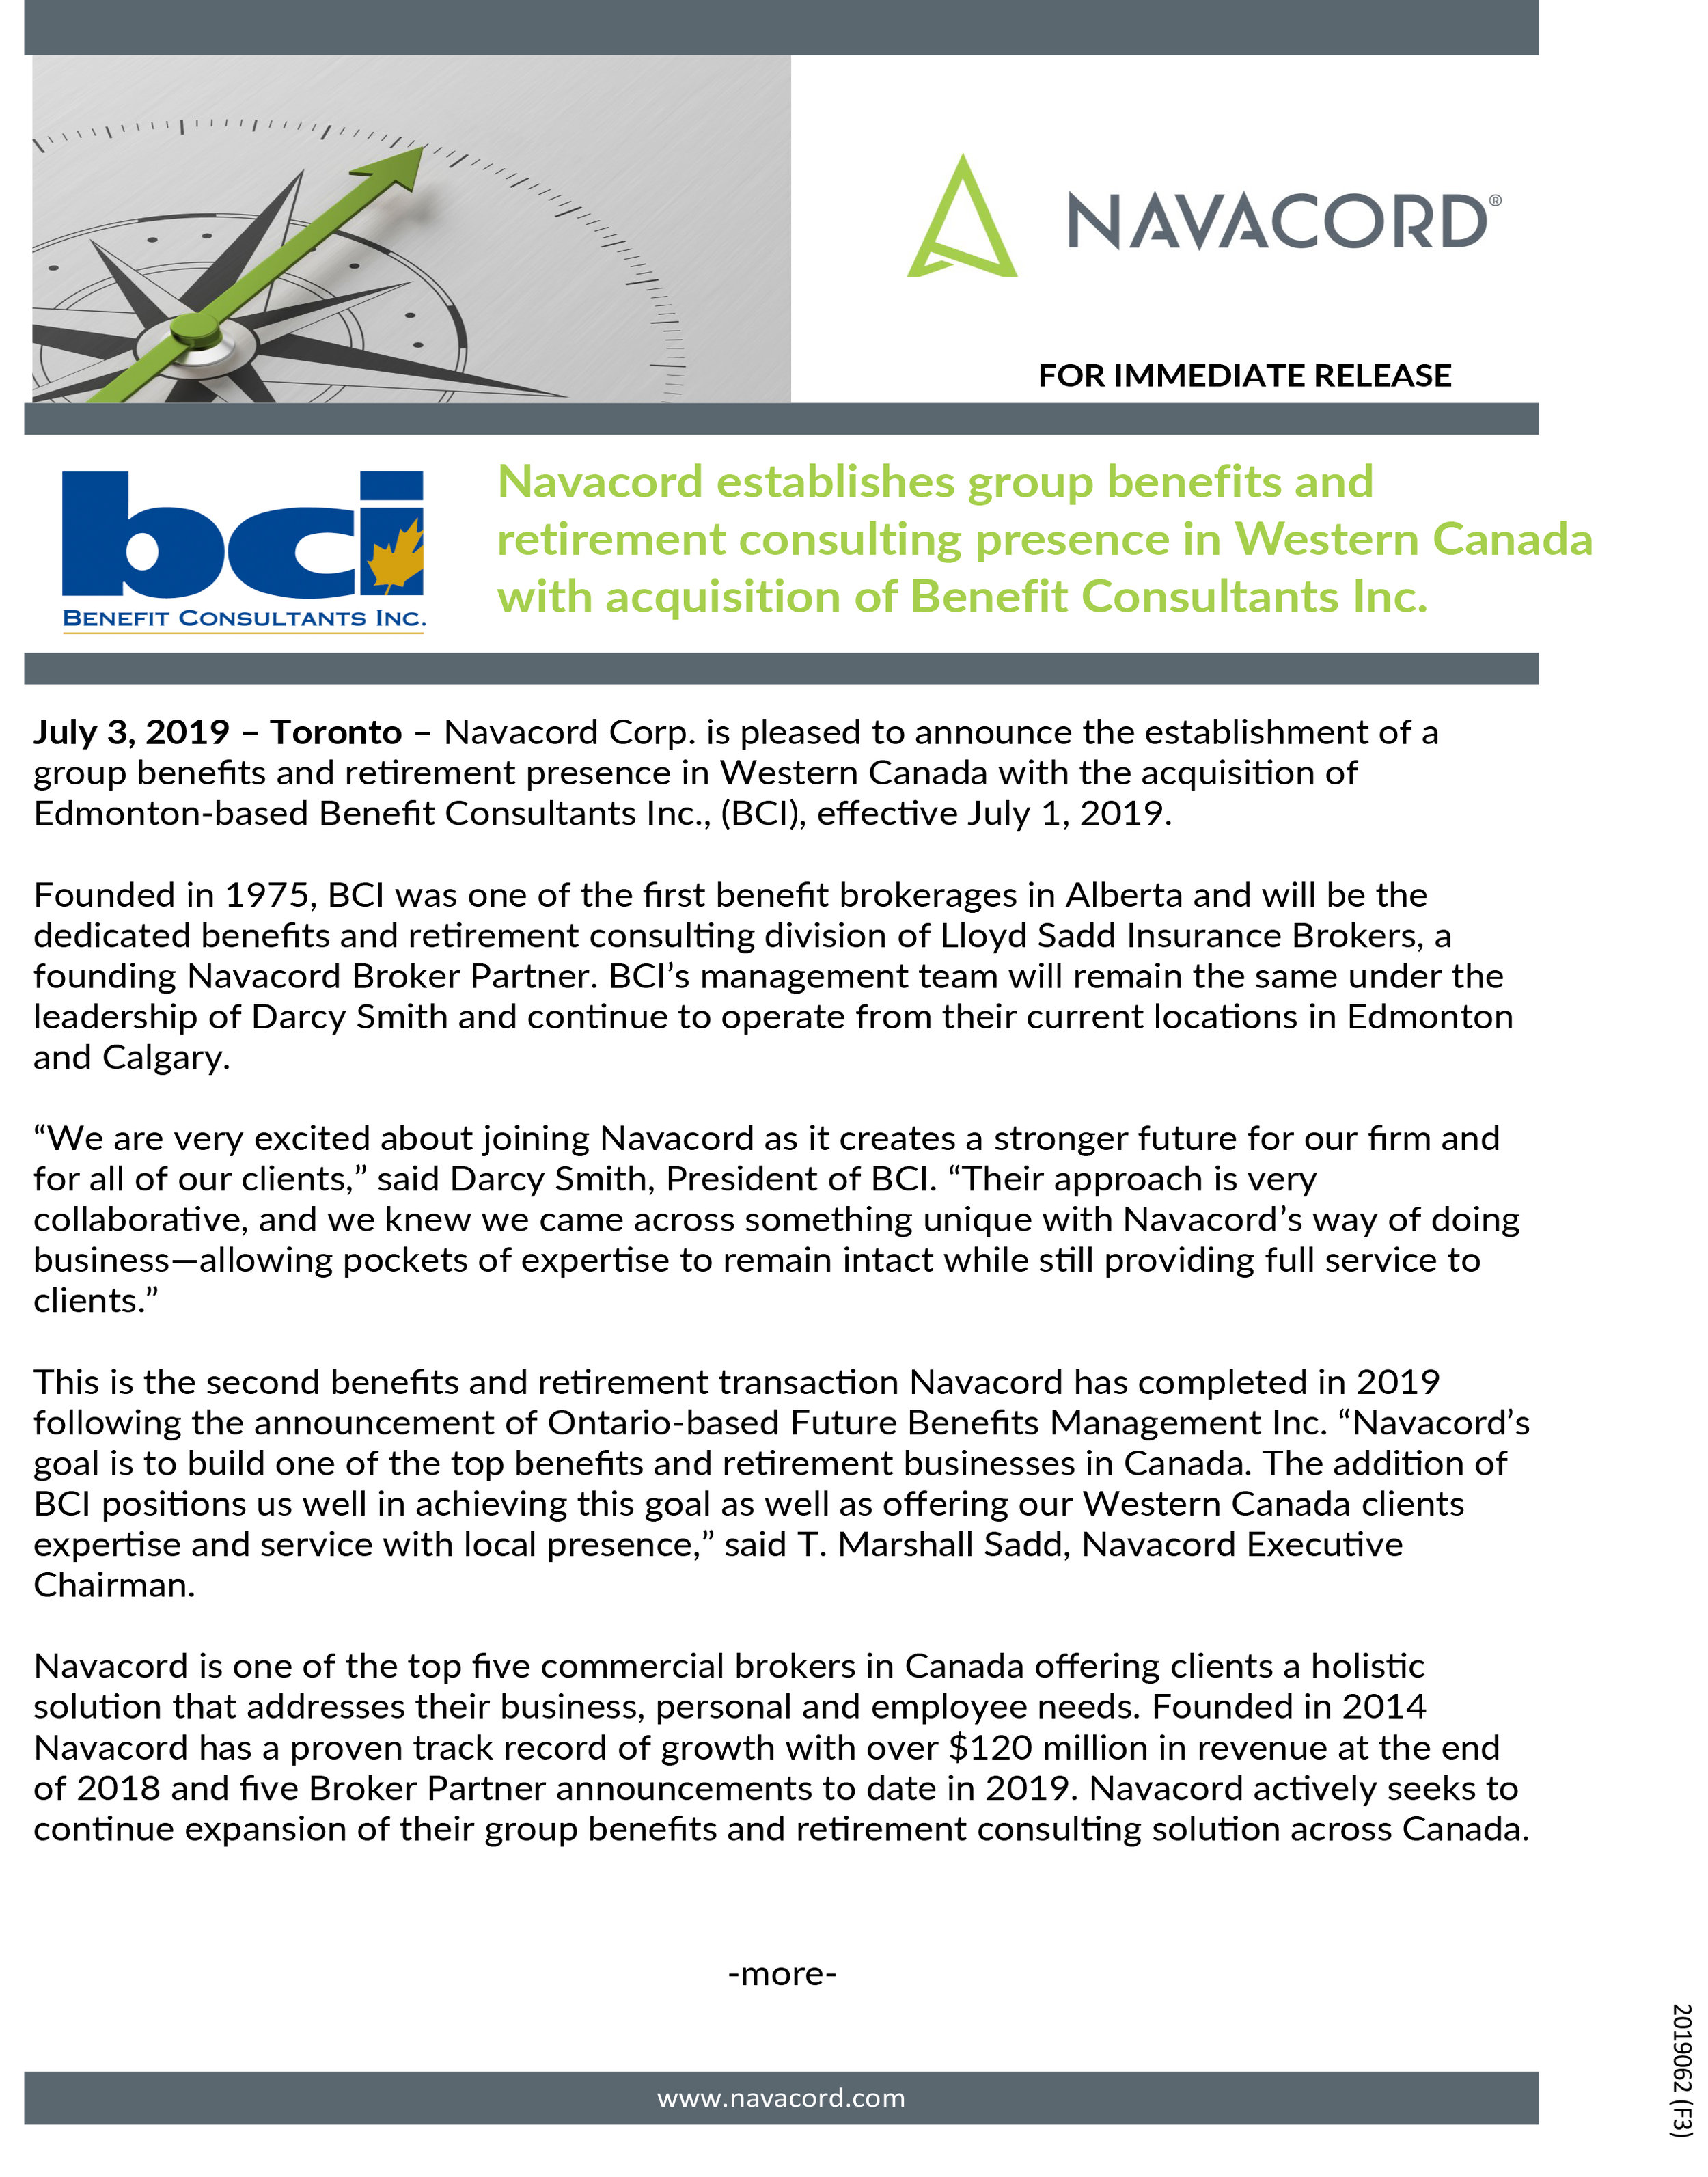 Navacord_BCI_Press Release_June28_2019_(F3)-1.jpg